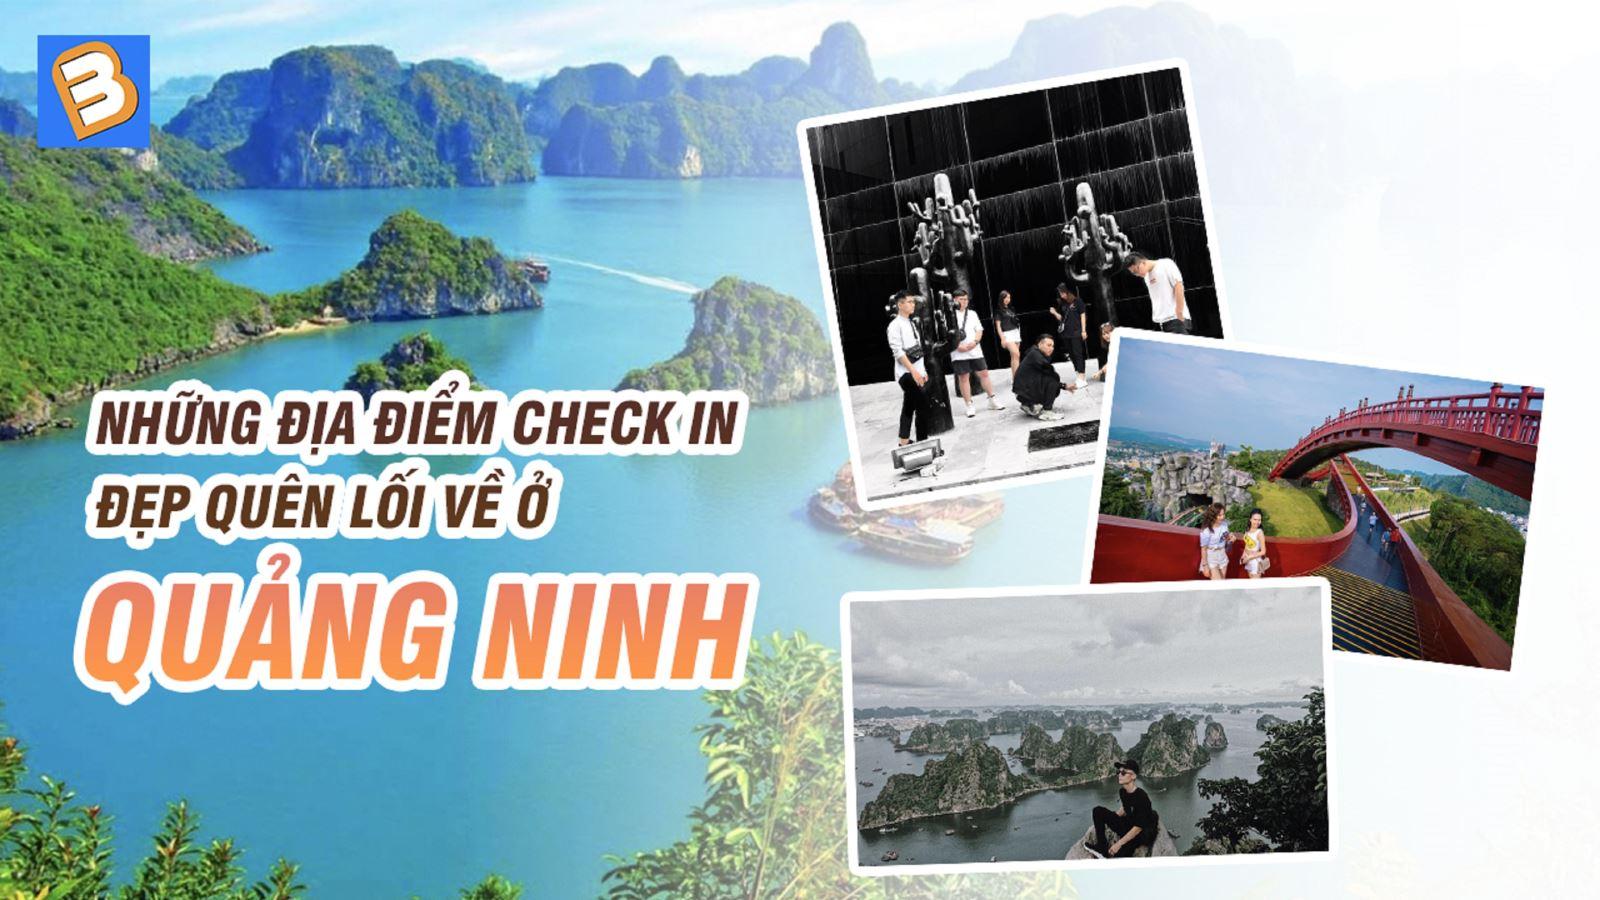 Những địađiểm check in đẹp quên lối về ở Quảng Ninh